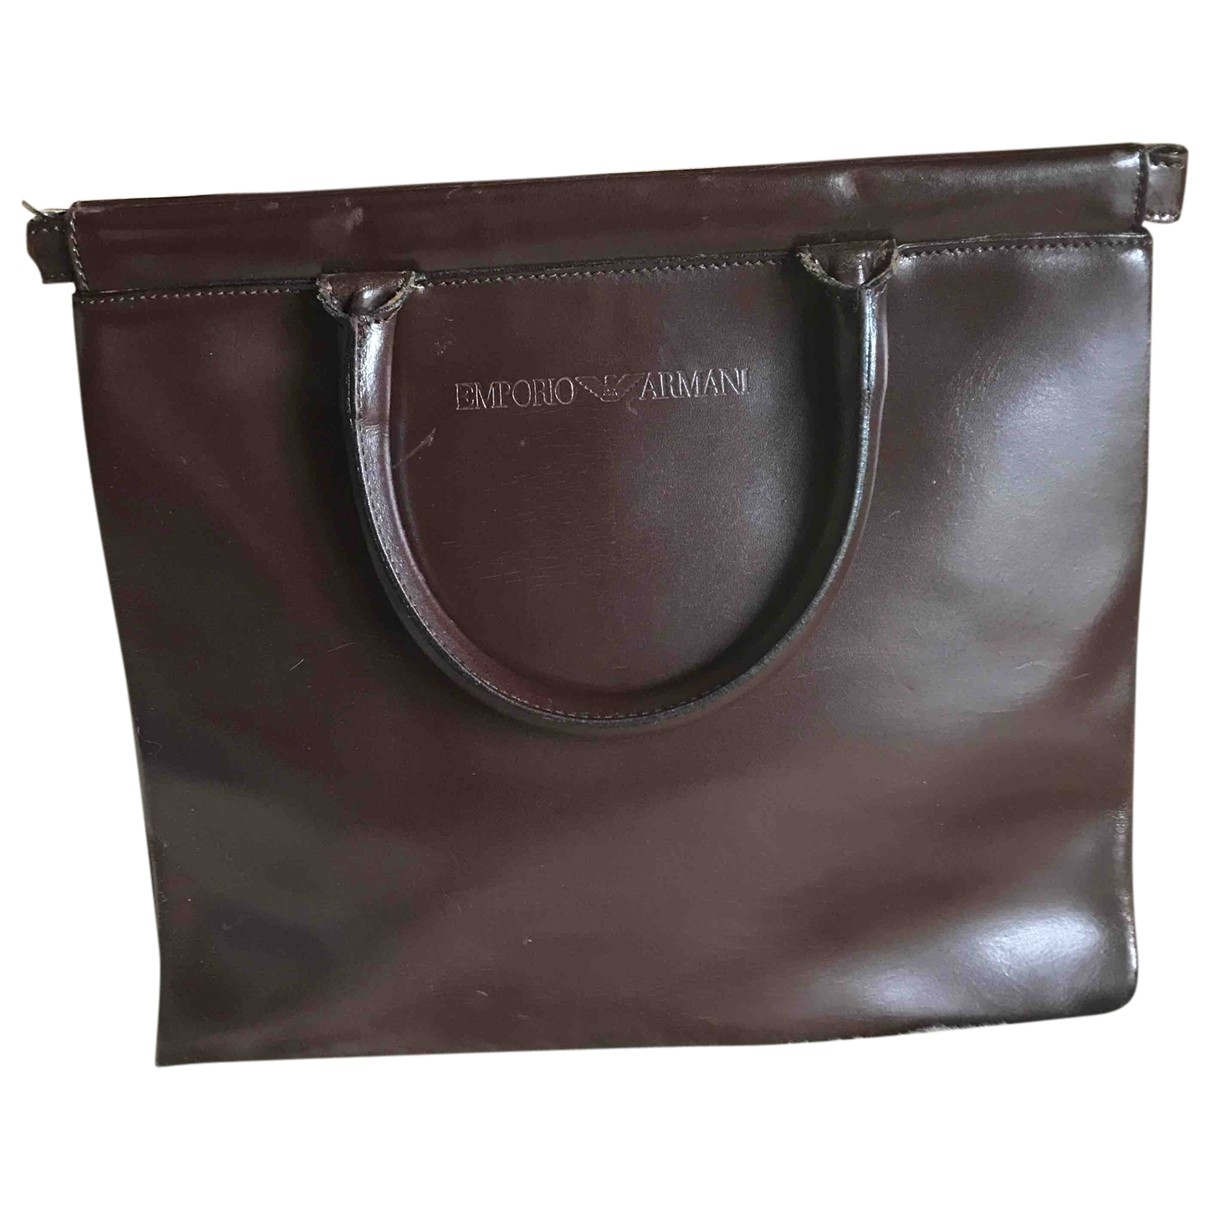 Emporio Armani - Sac a main   pour femme en cuir - marron